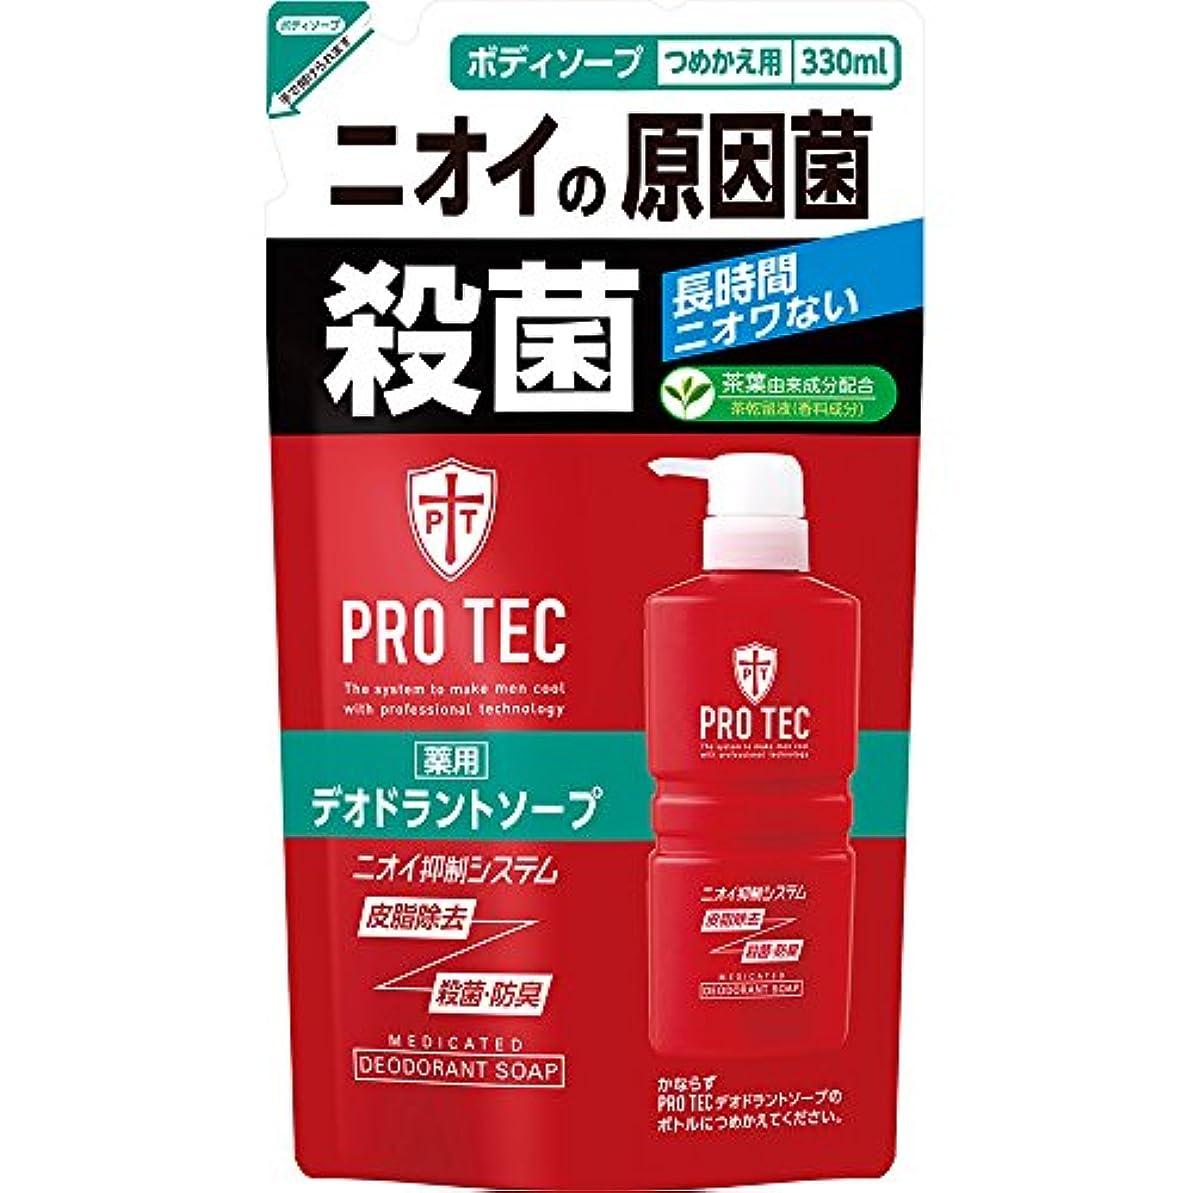 自信があるロデオ回転するPRO TEC(プロテク) デオドラントソープ 詰め替え 330ml(医薬部外品)